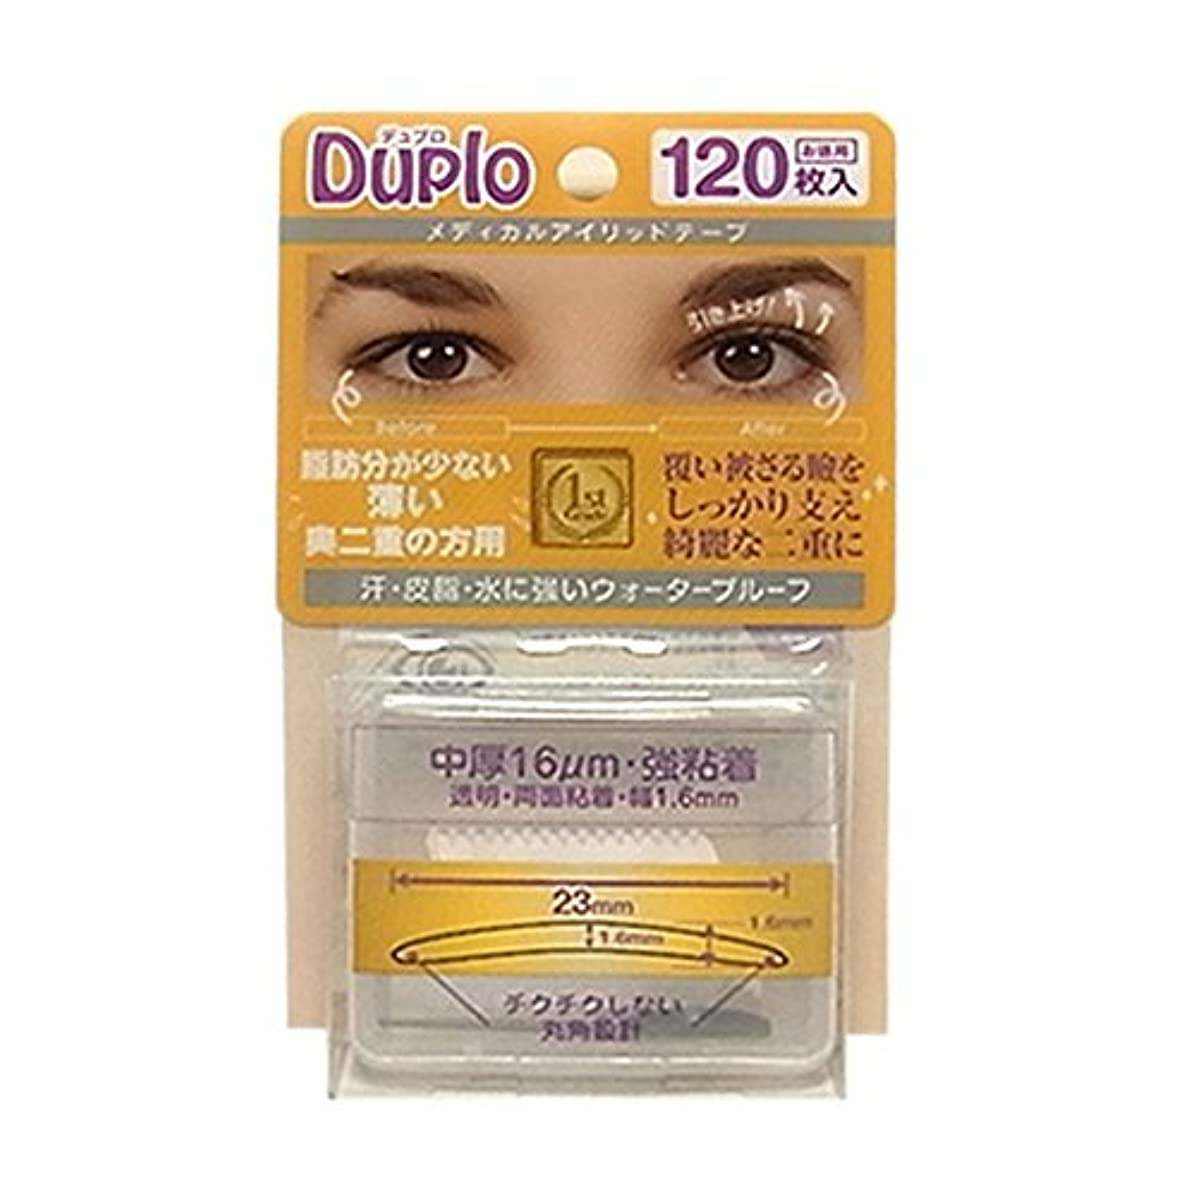 国籍ミルクこれまでDuplo デュプロ メディカルアイリッドテープ 中厚 16μm 強粘着 (眼瞼下垂防止用テープ)透明?両面 120枚入